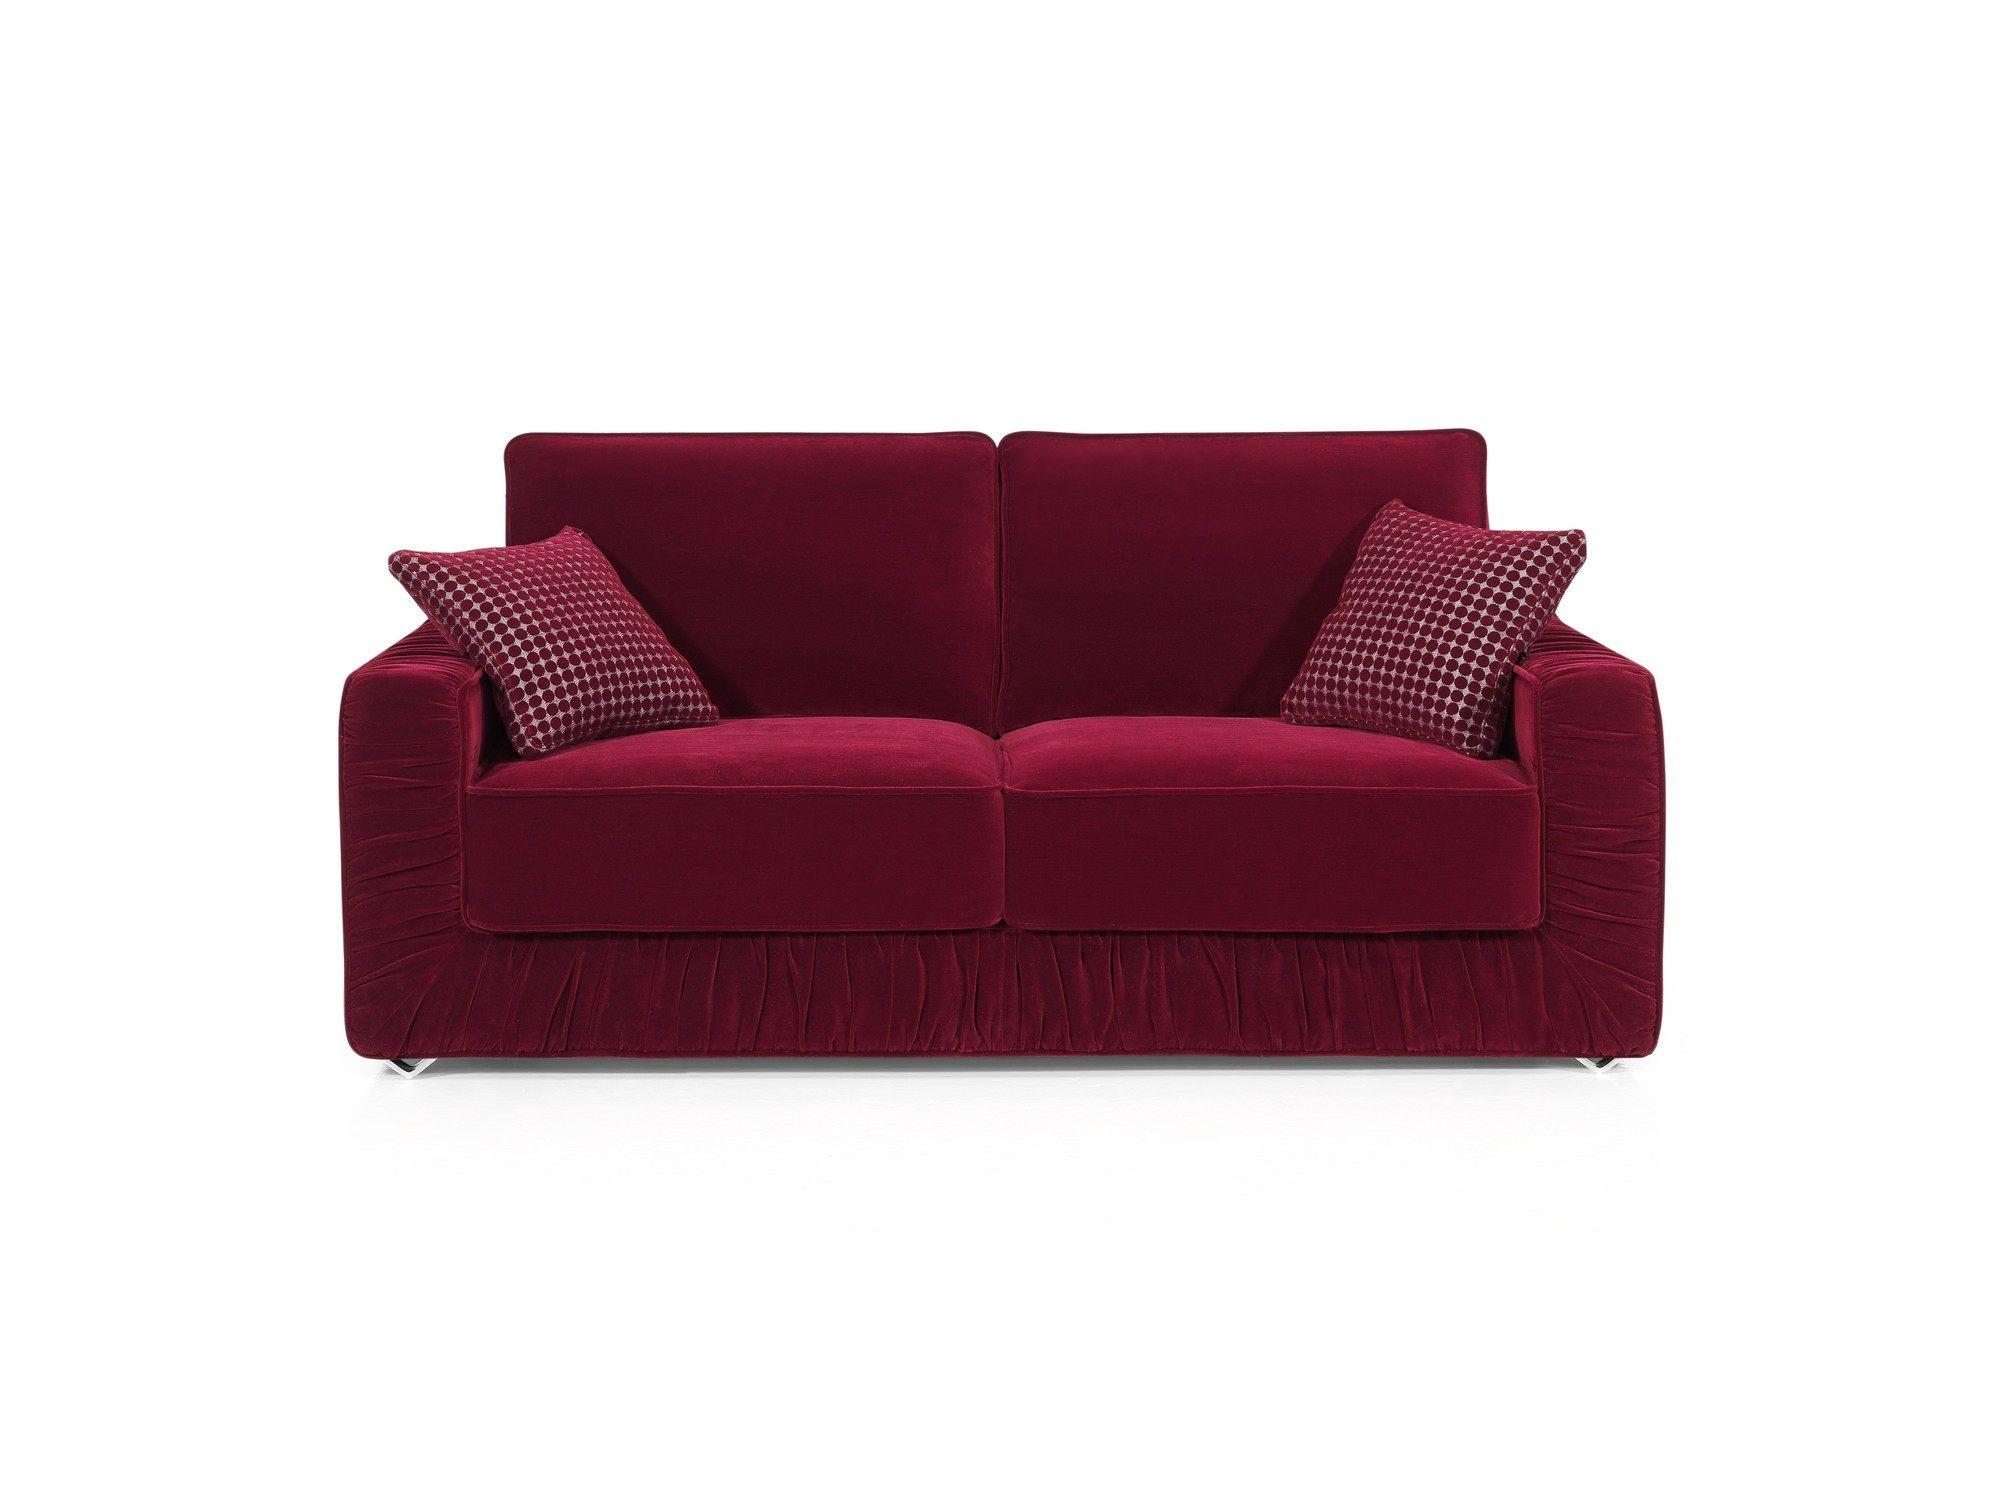 Lit Superposé 3 Places Pas Cher Inspirant Joli Canapé Lit Rouge Avec Kivik Canapé 3 Places orrsta Rouge Ikea